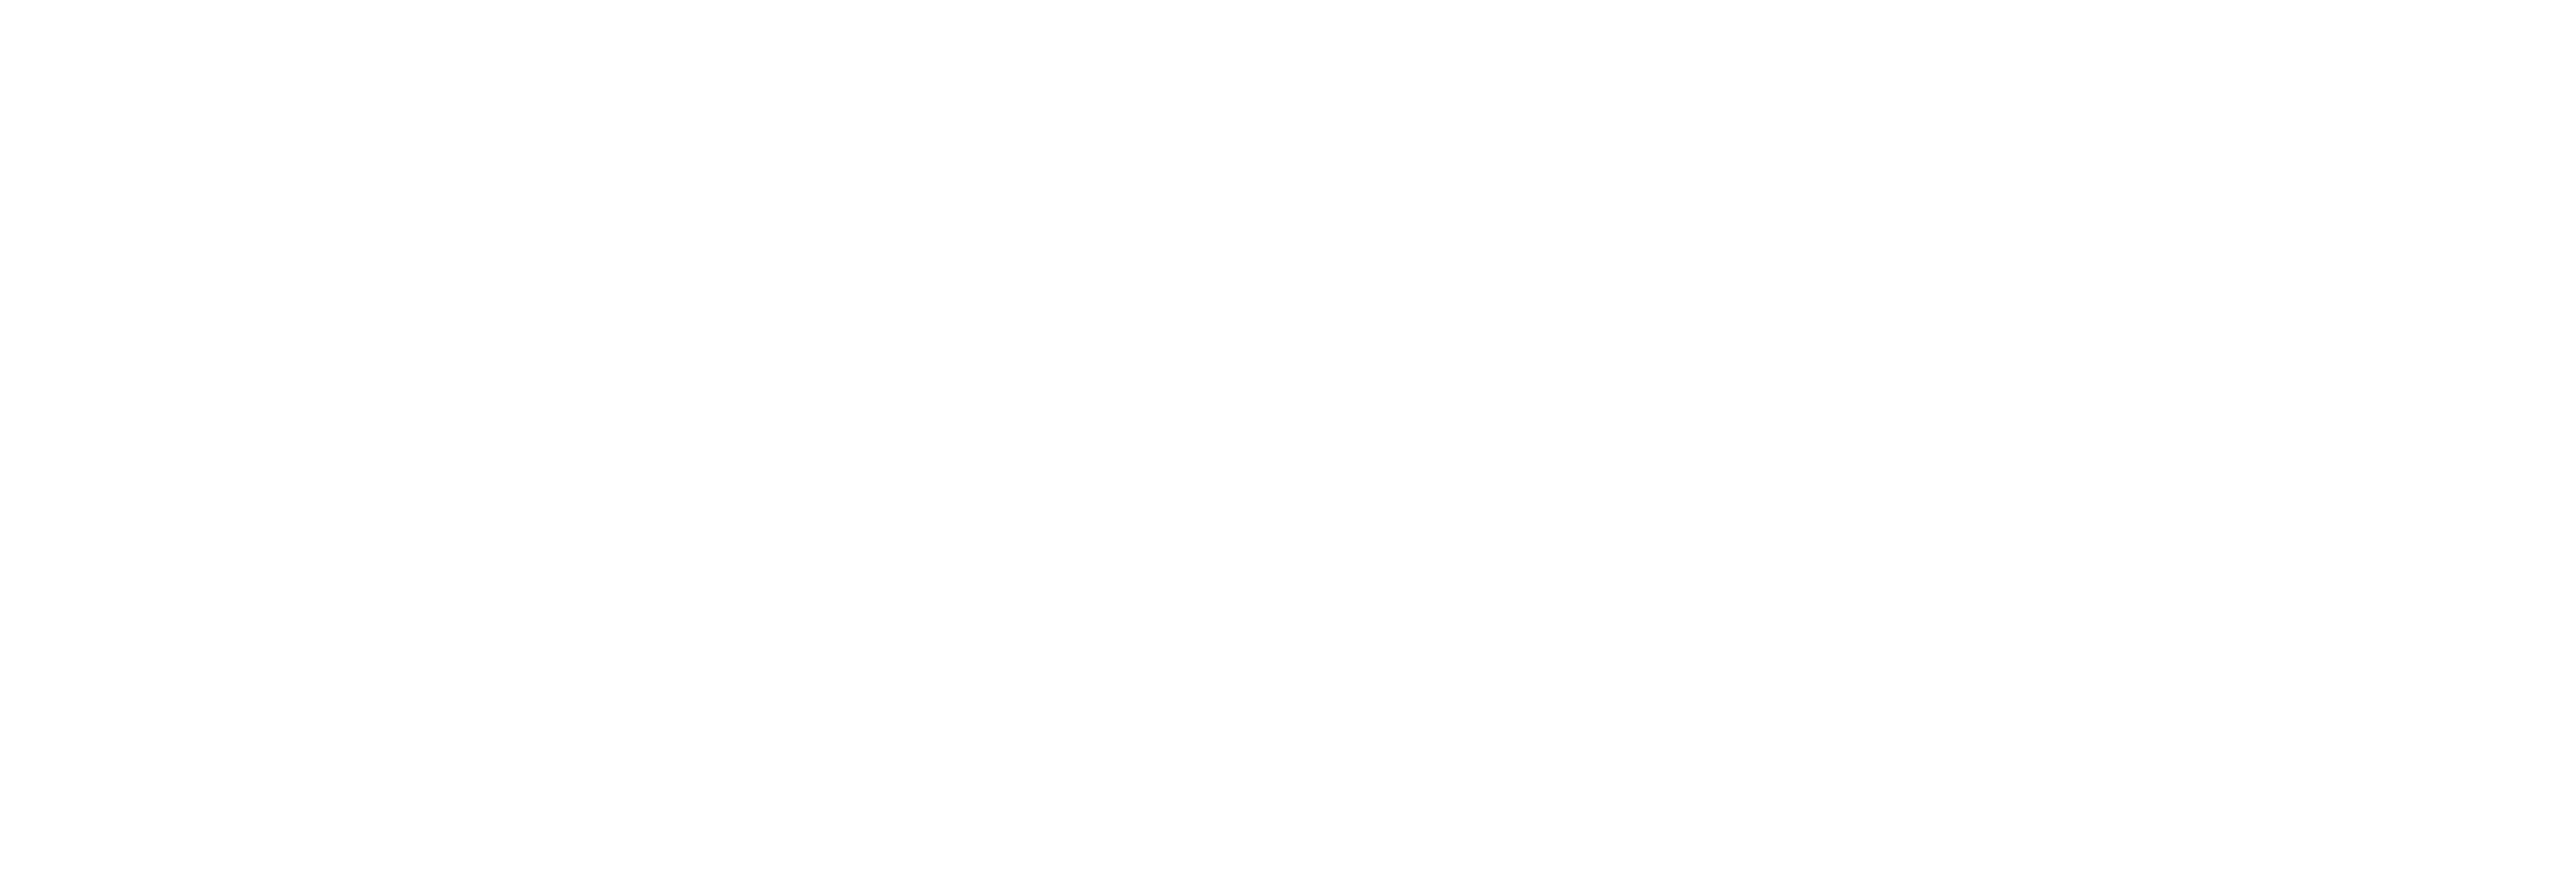 Stratéliance